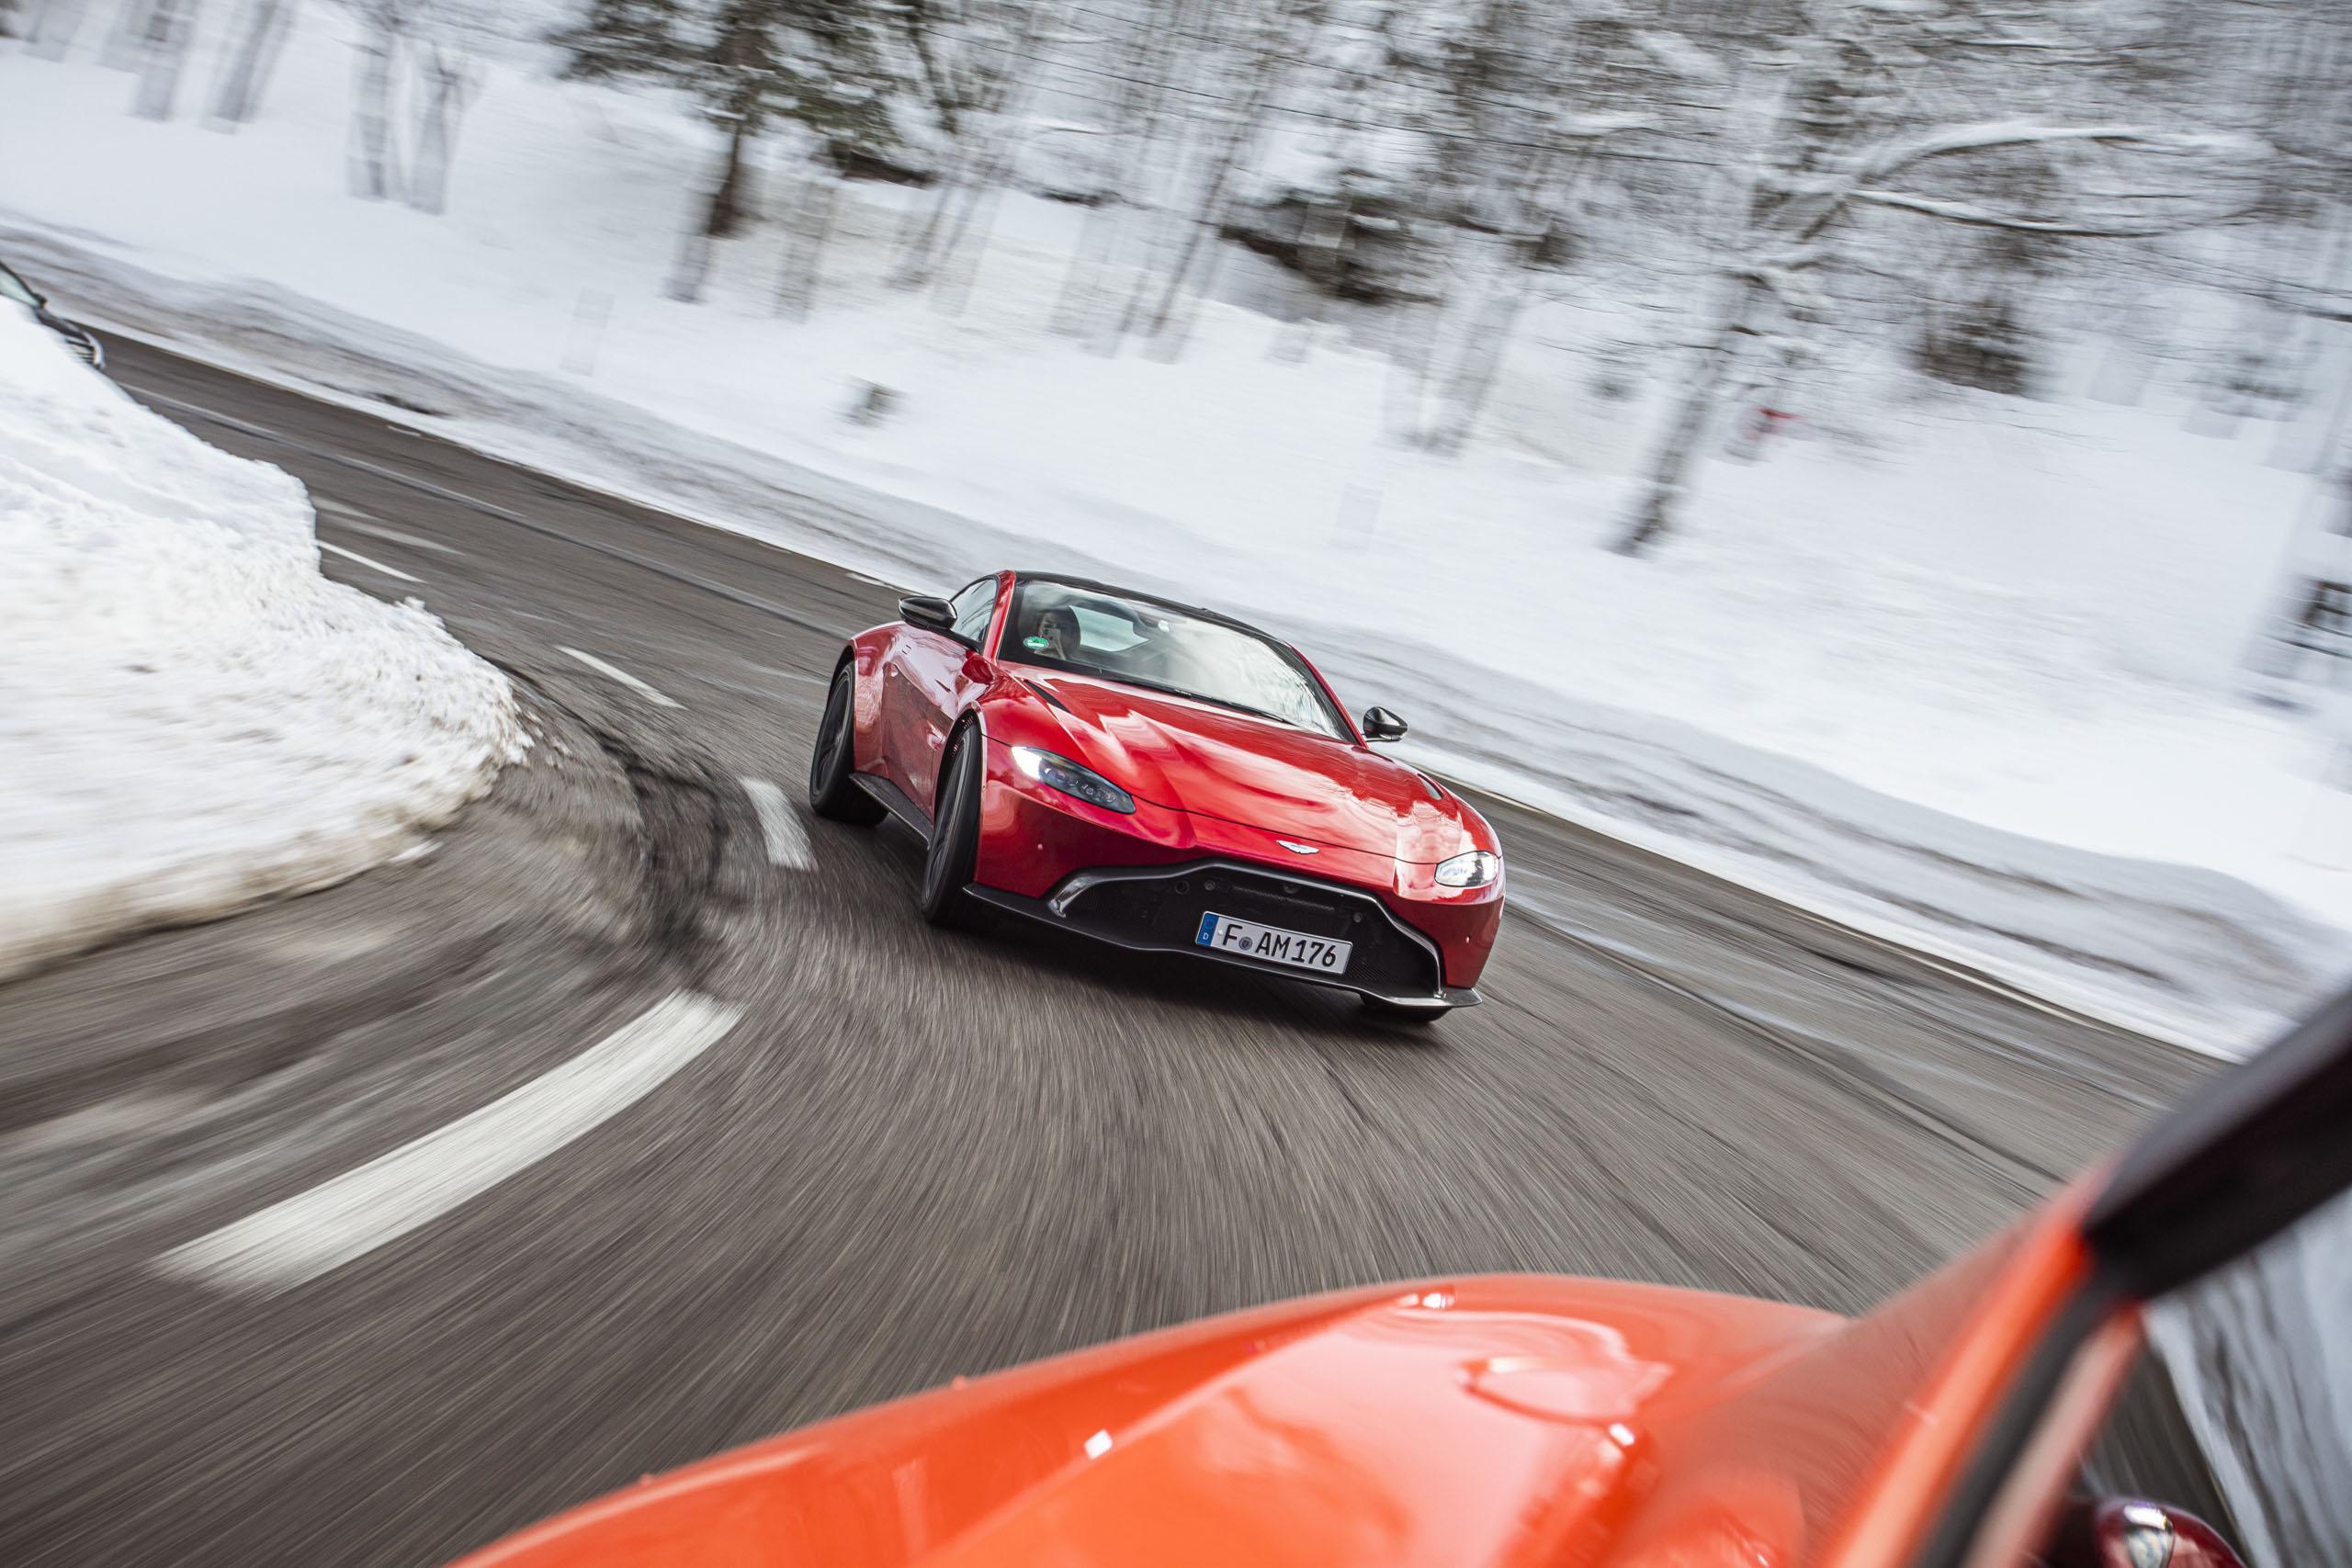 Roter Aston Martin Geneva bei Schnee in einer Kurve